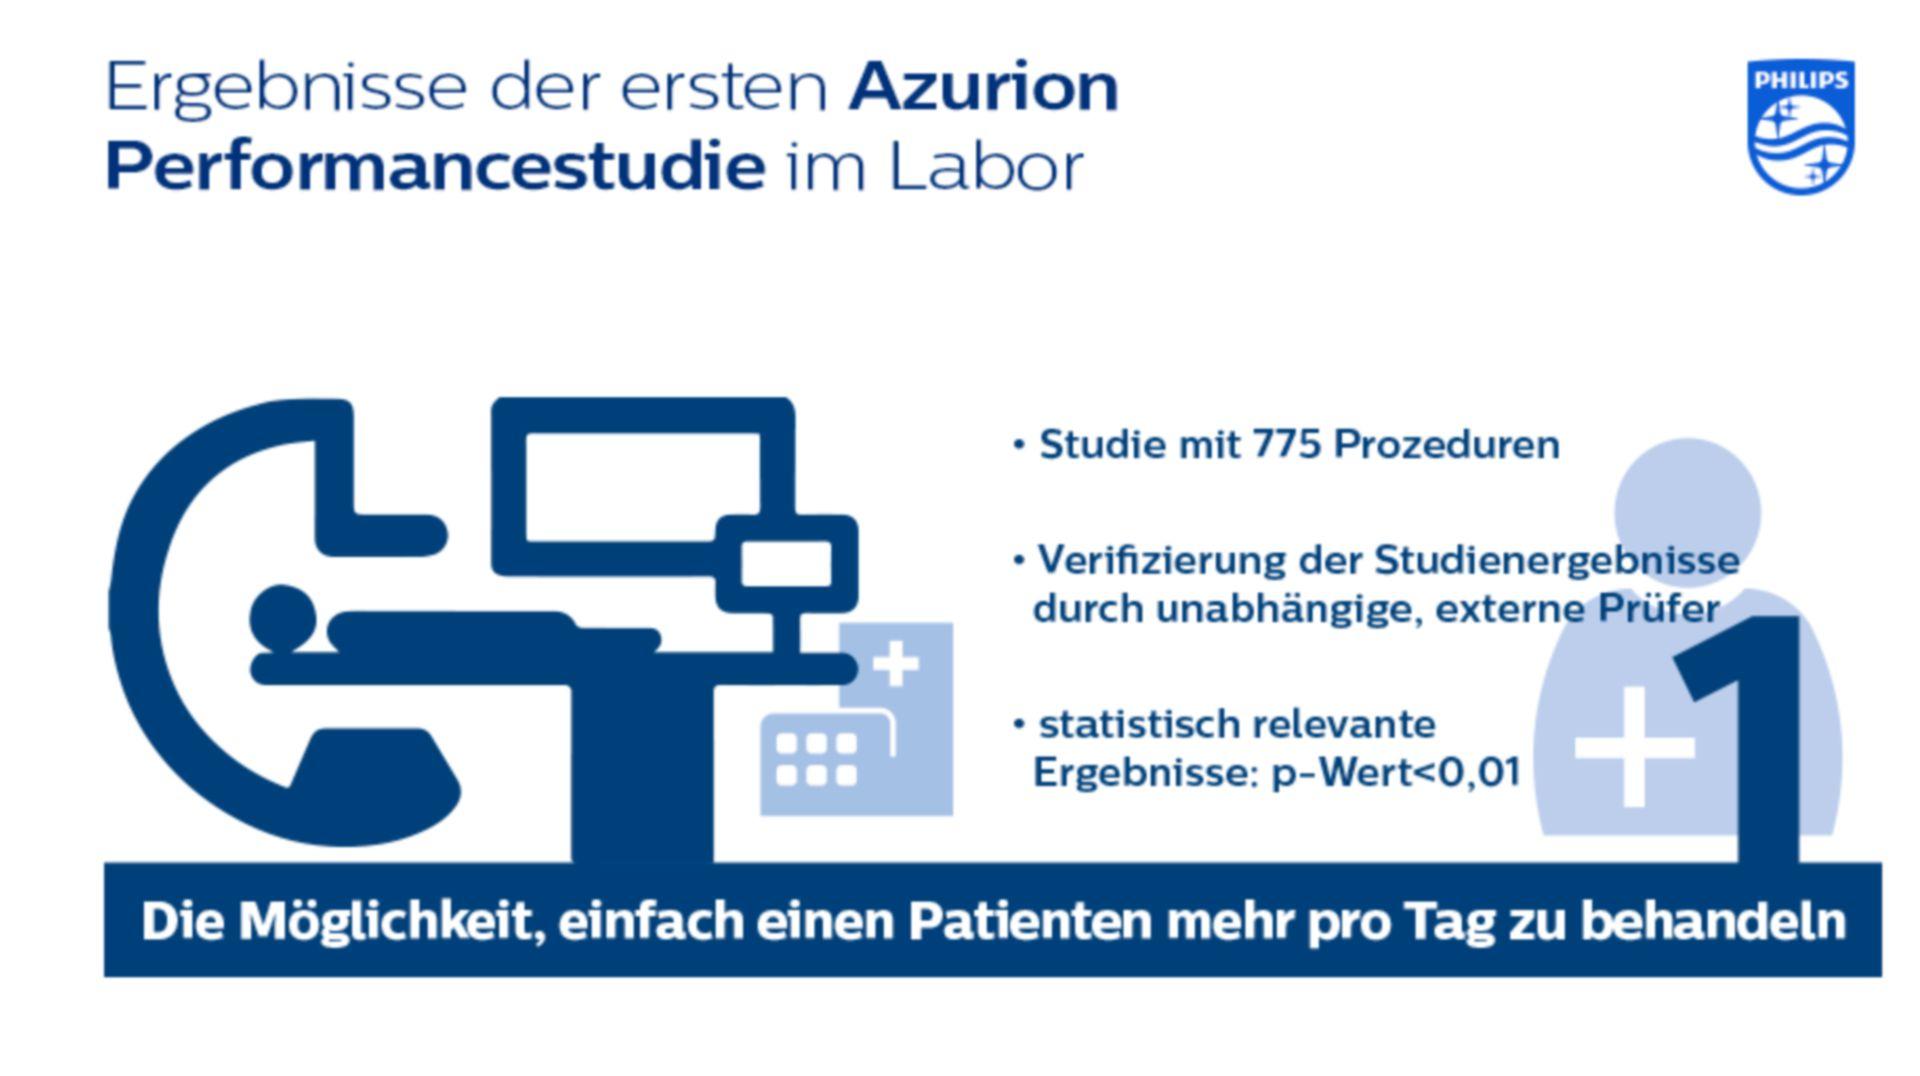 Ergebnisse der ersten Azurion Performancestudie im Labor